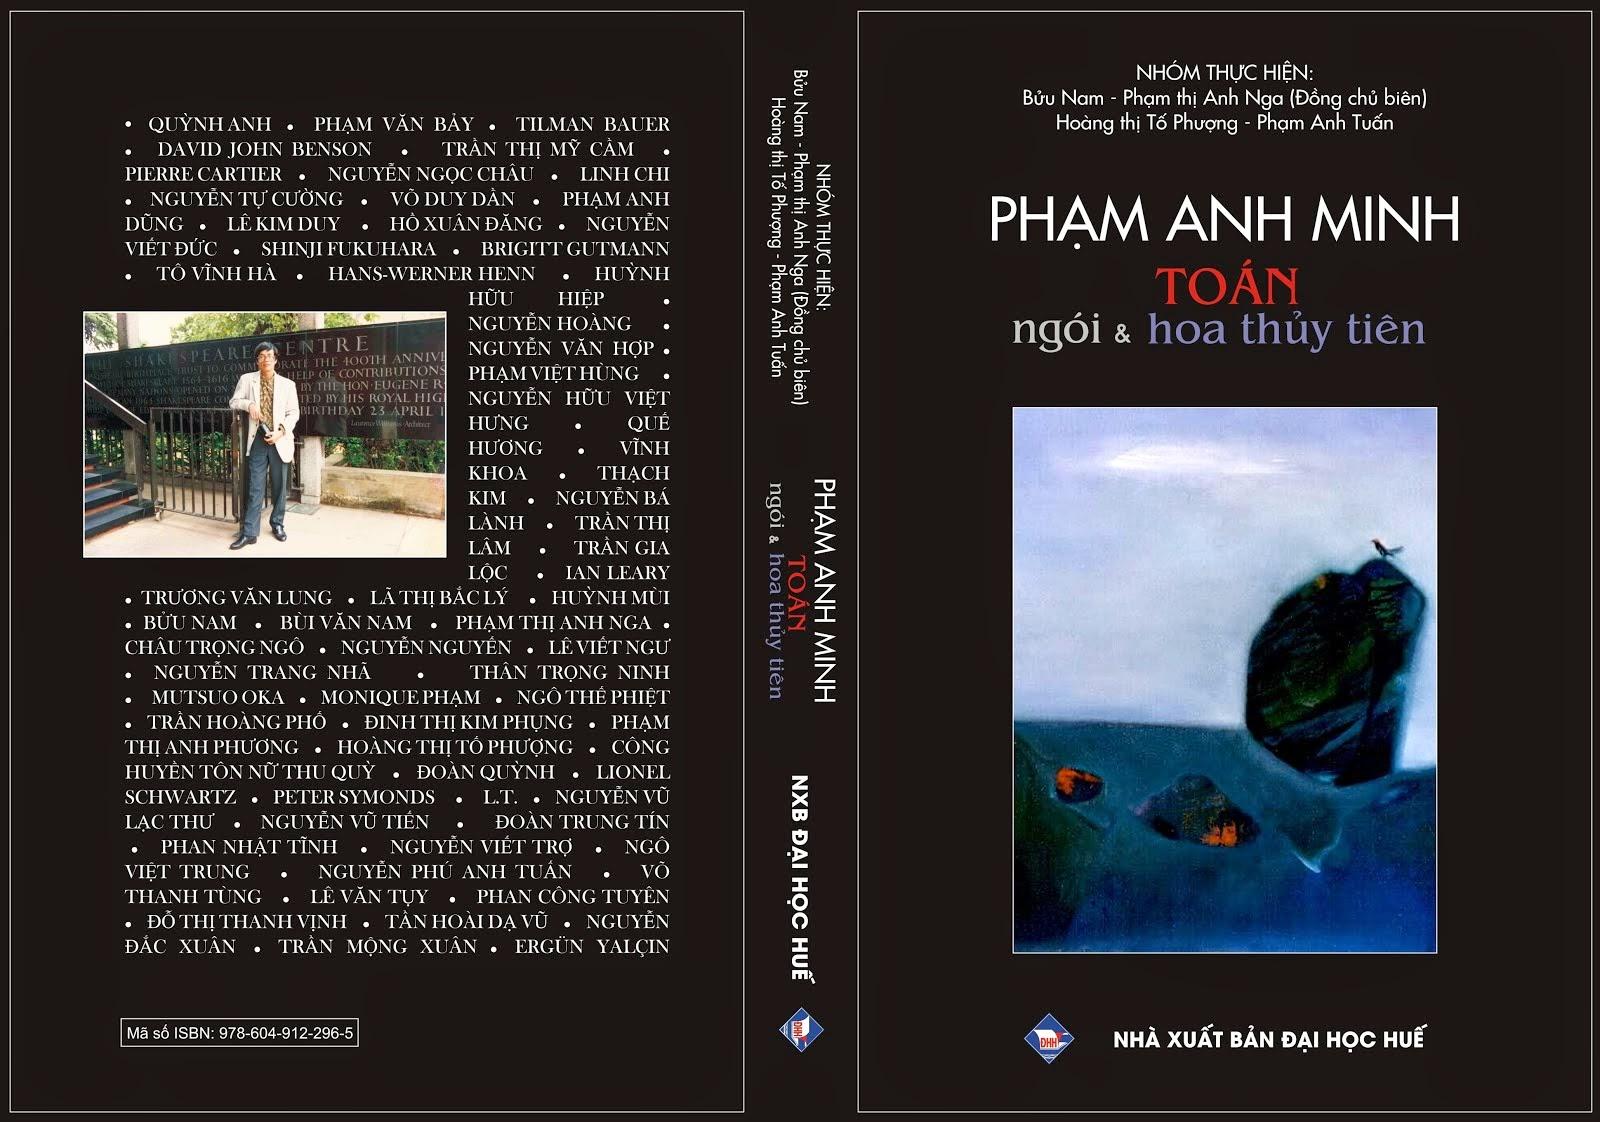 « Phạm Anh Minh - Toán, ngói & hoa thủy tiên »